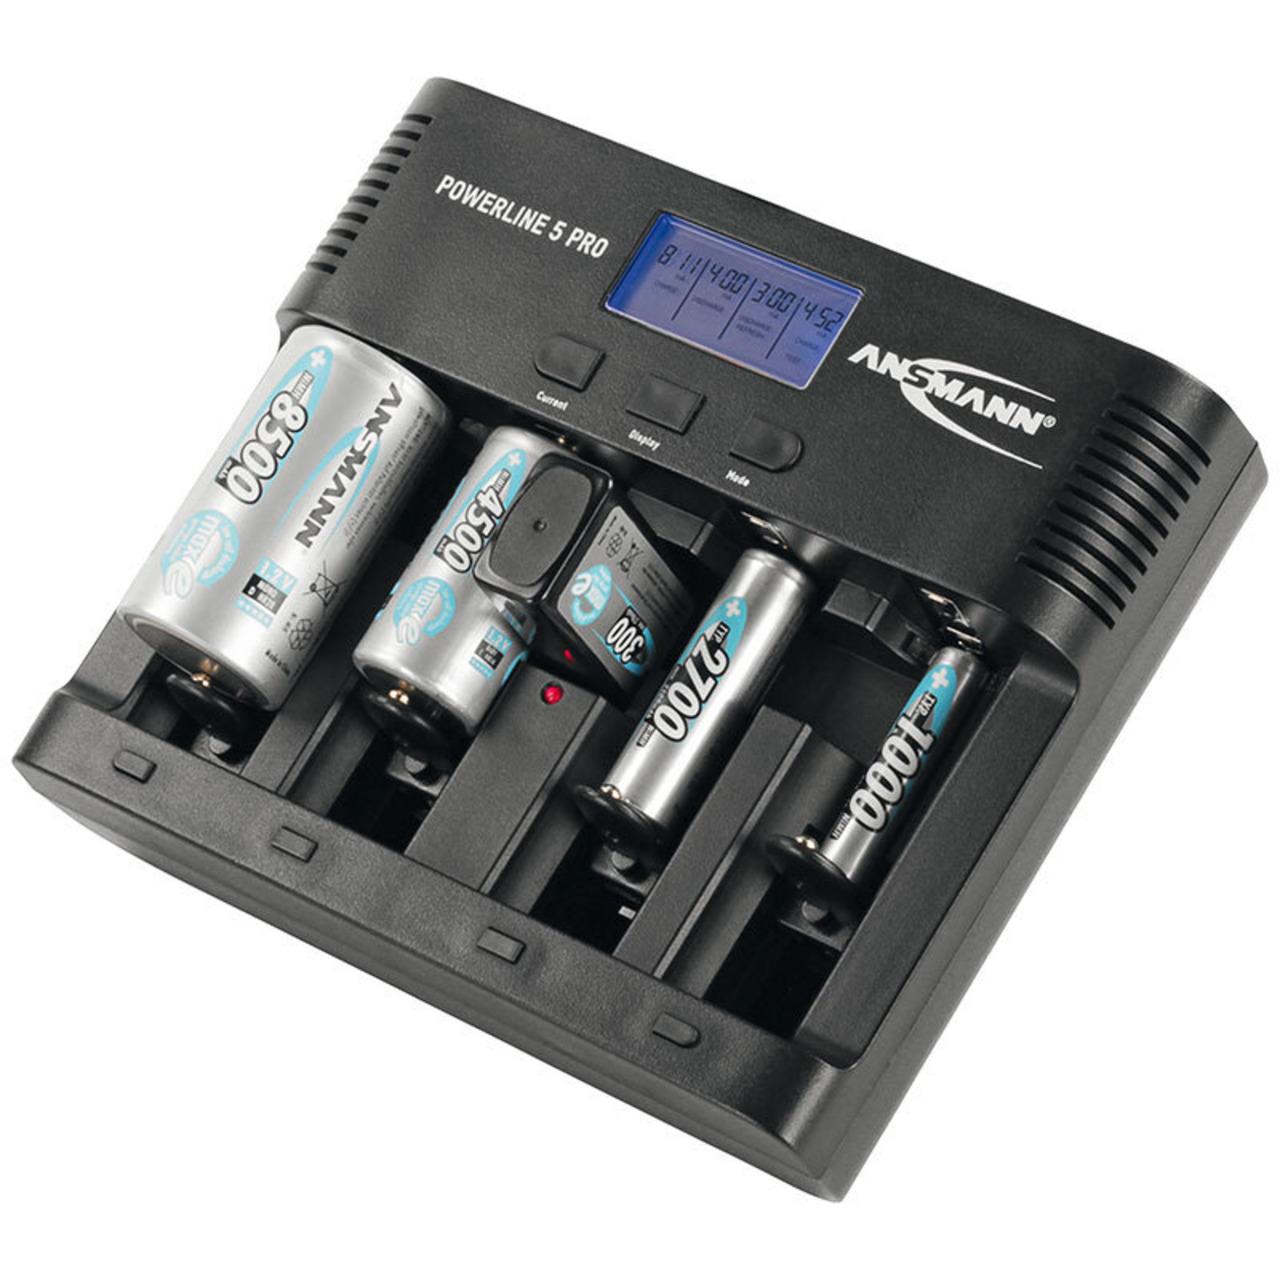 Ansmann Multifunktionsladegerund-228 t Powerline 5 pro mit USB-Ladeausgang